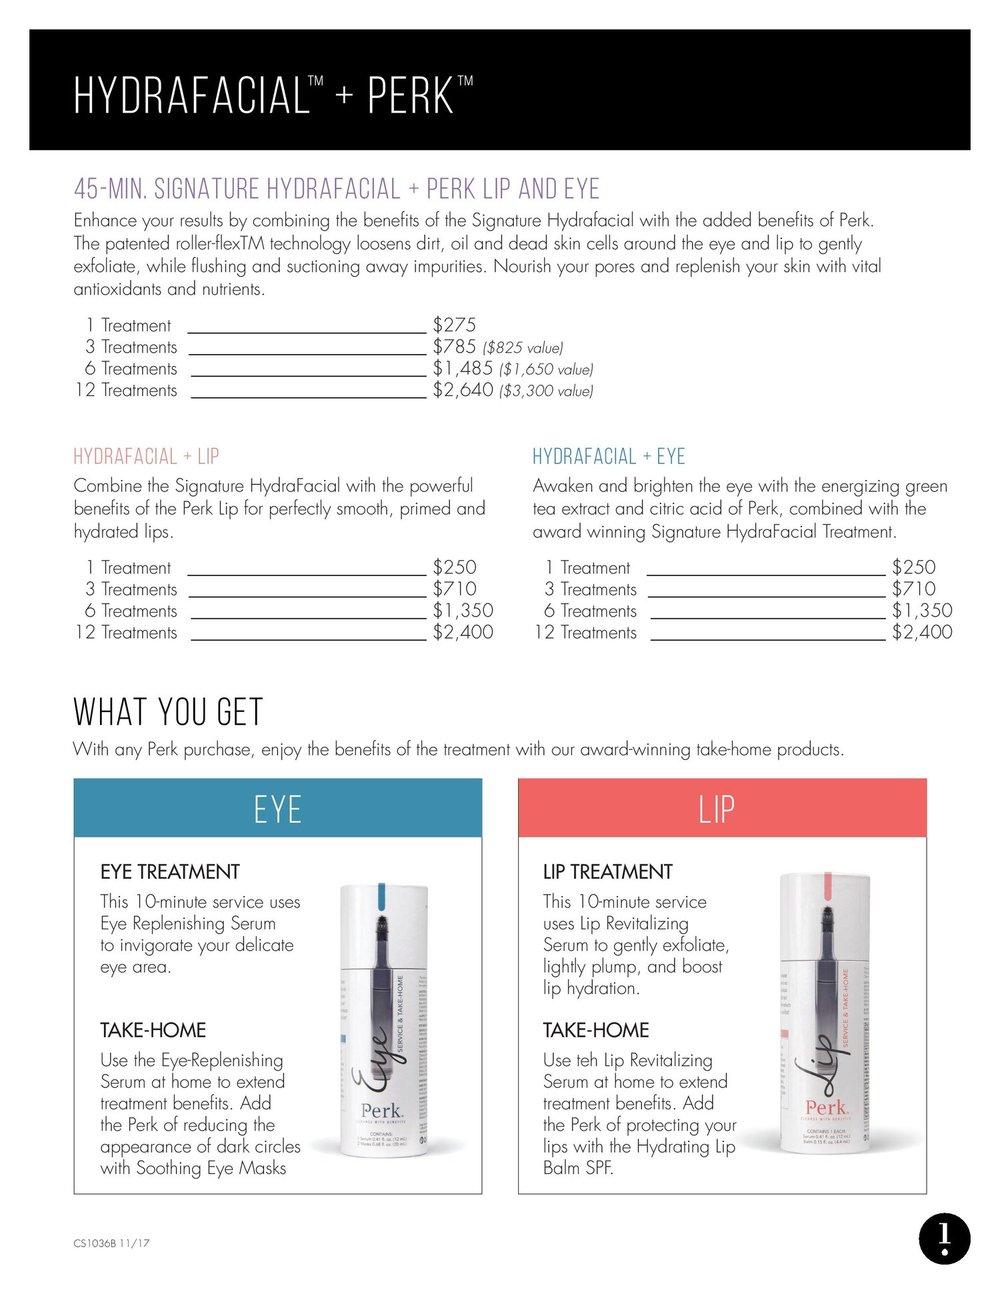 HydraFacial-Memership-Pricing(1)-page-003.jpg